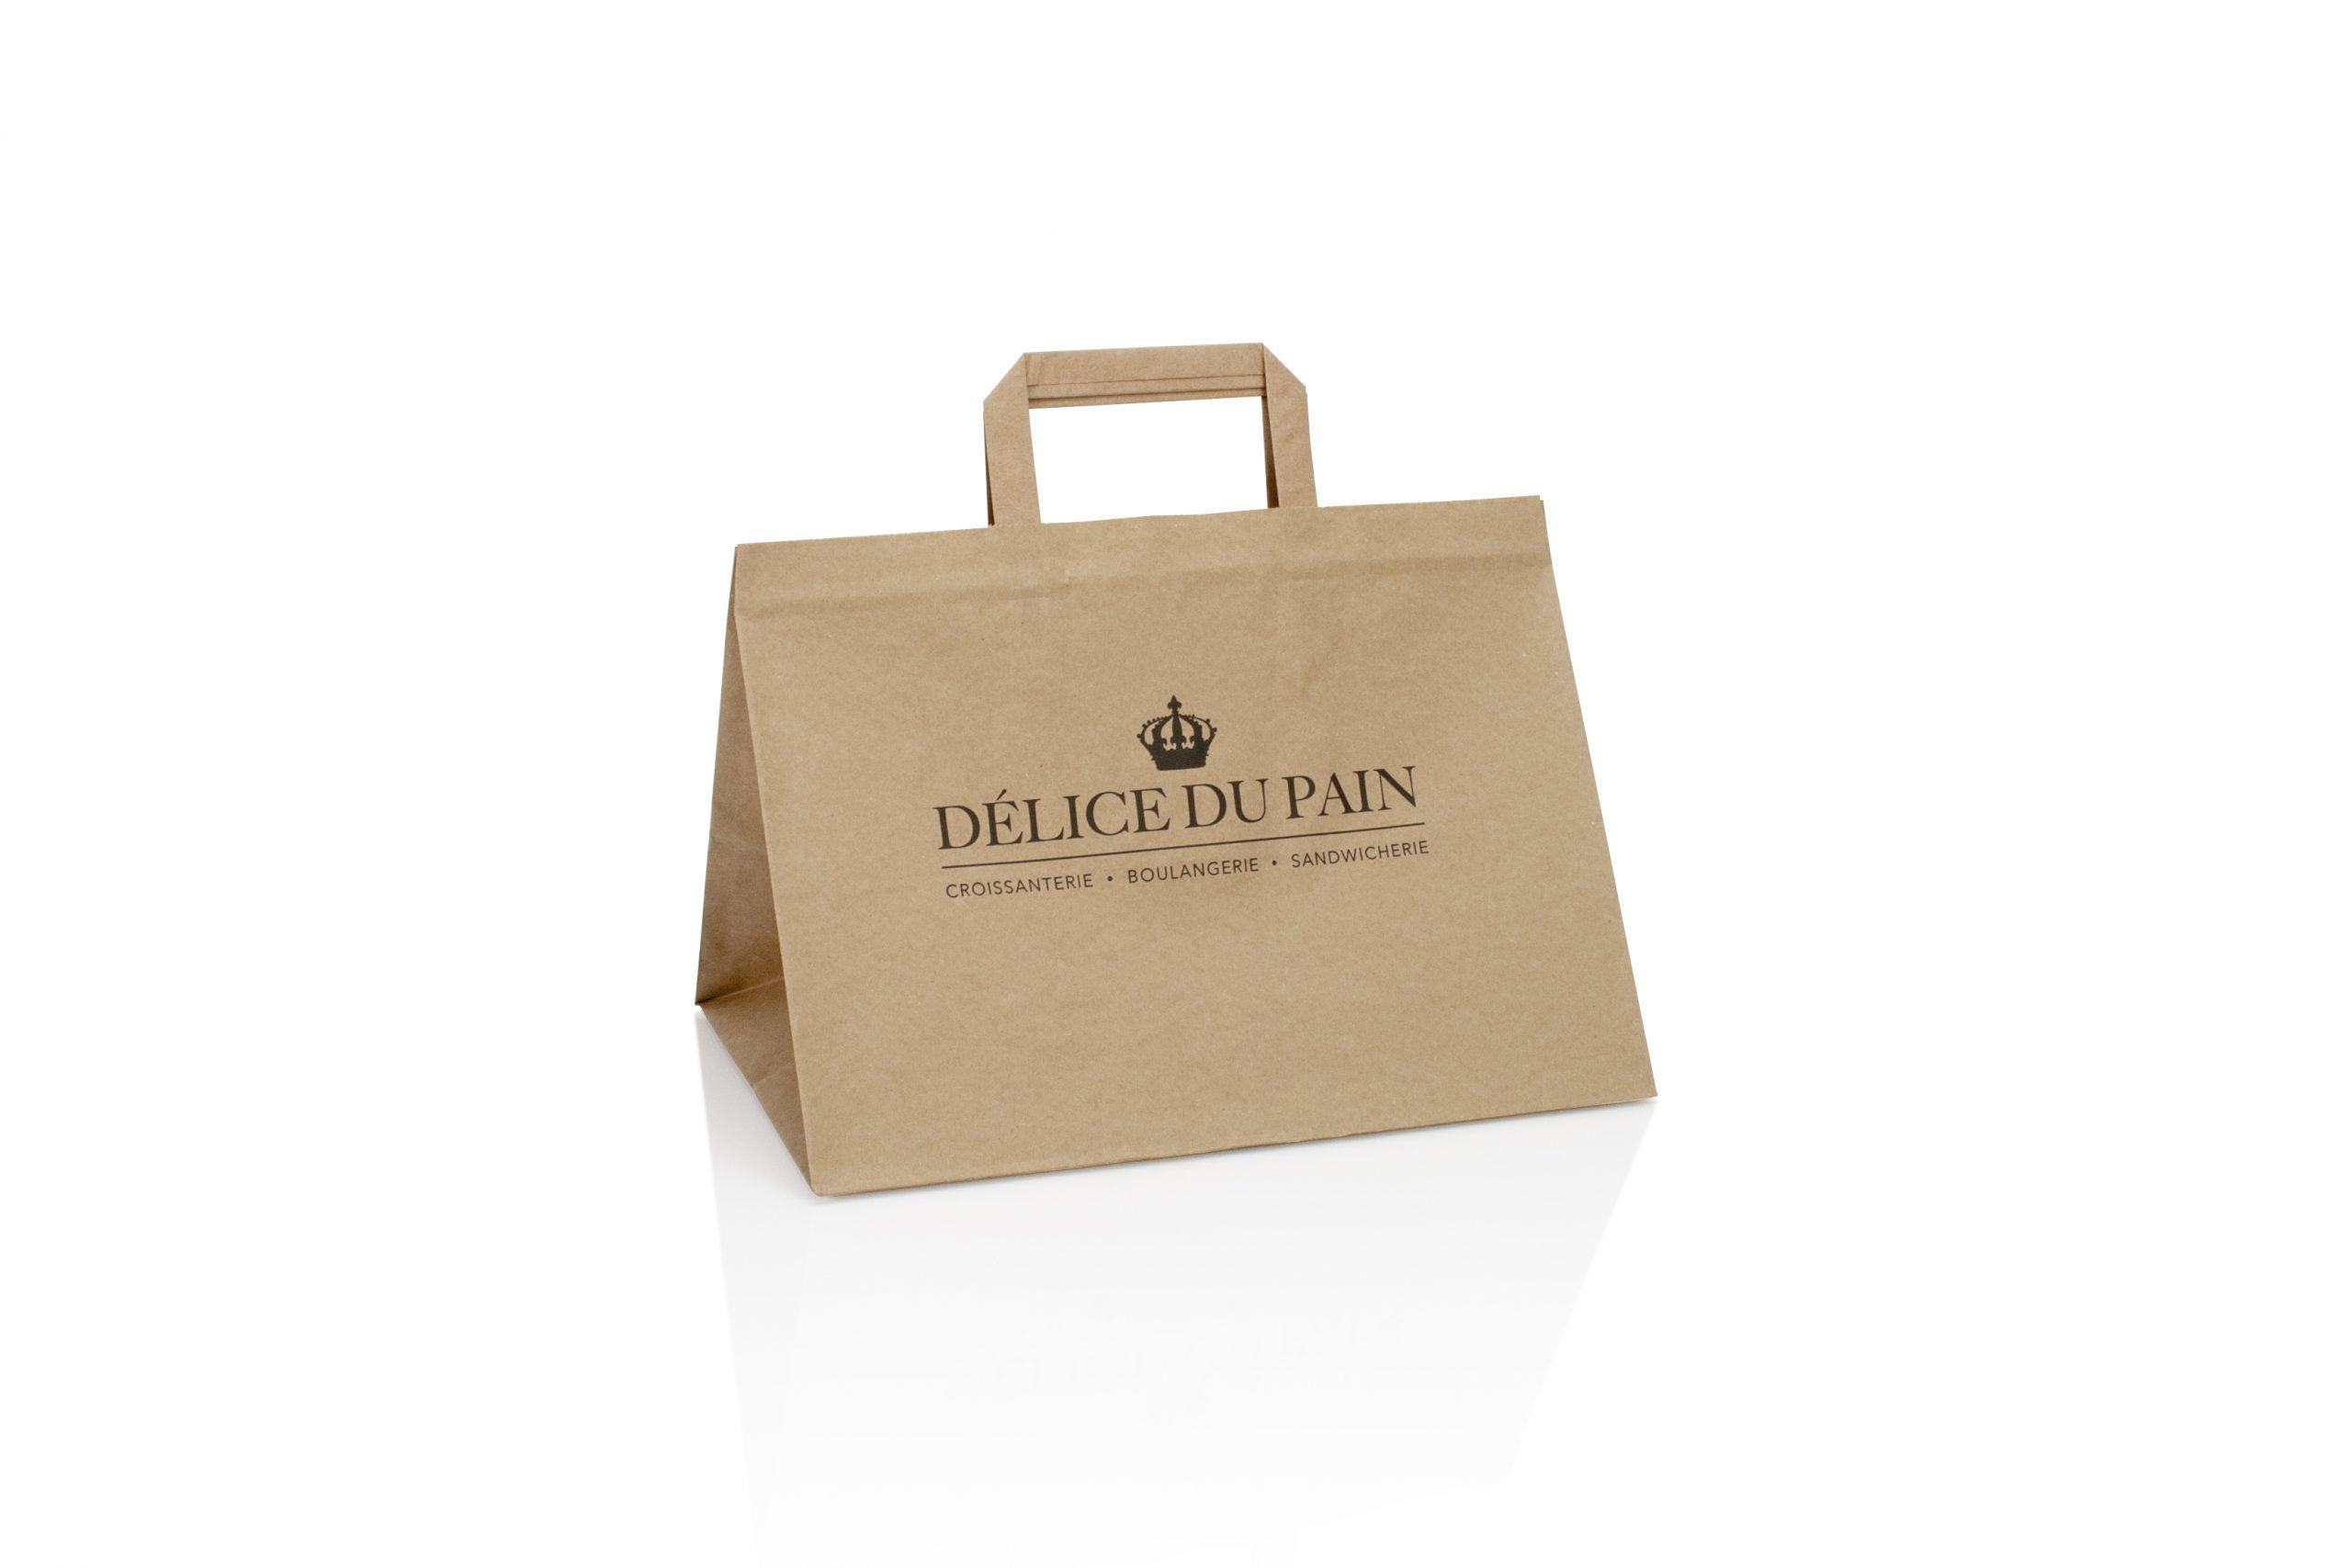 Take away zakken voor brood banket en patisserie gepersonaliseerd met logo of bedrijfsnaam